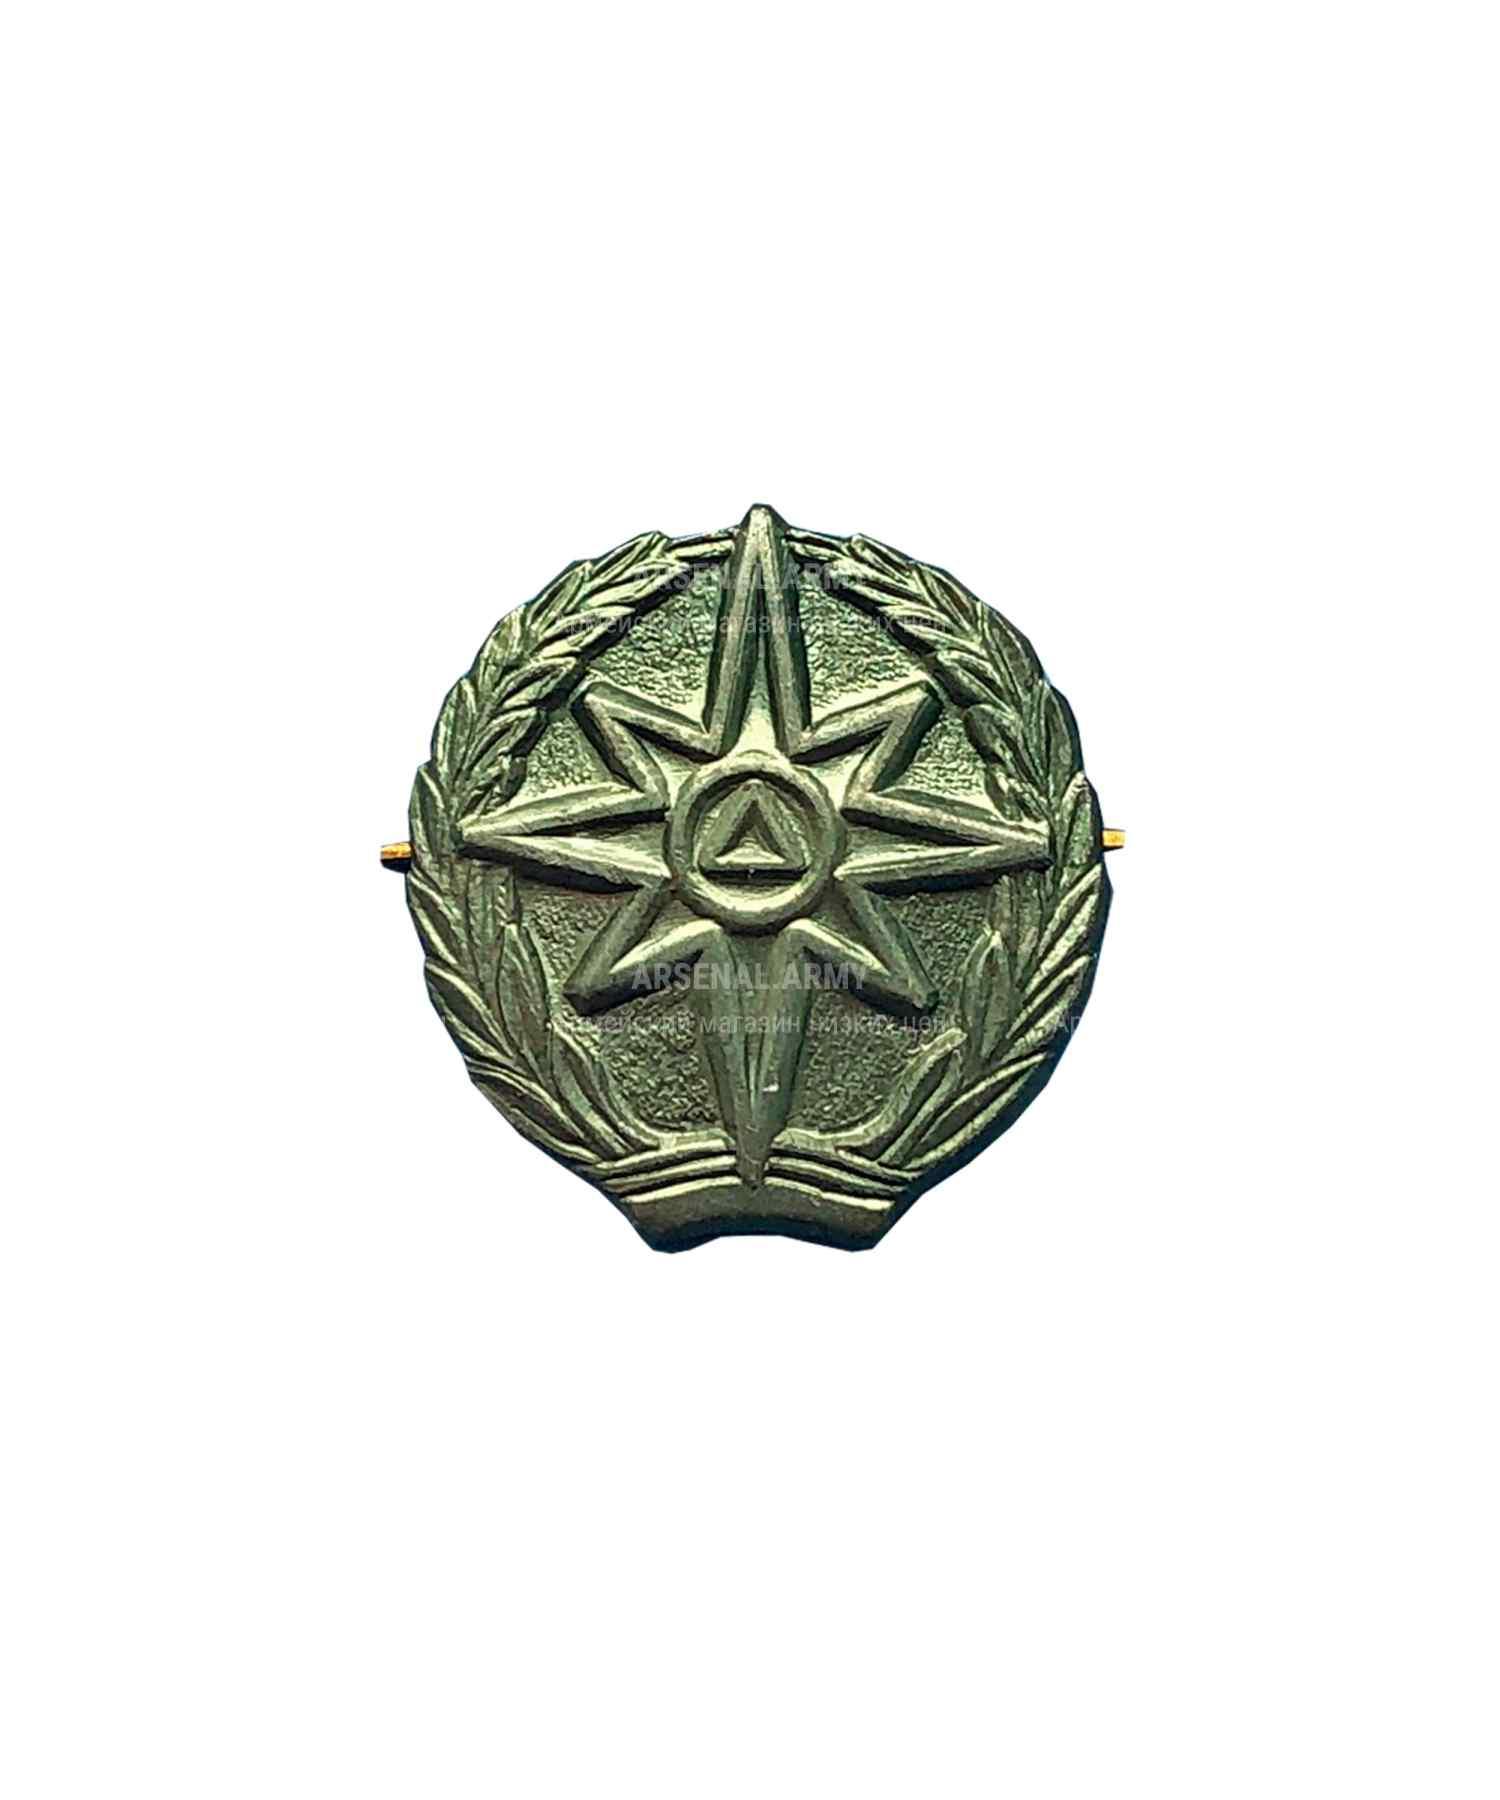 Эмблема МЧС металлическая зеленая